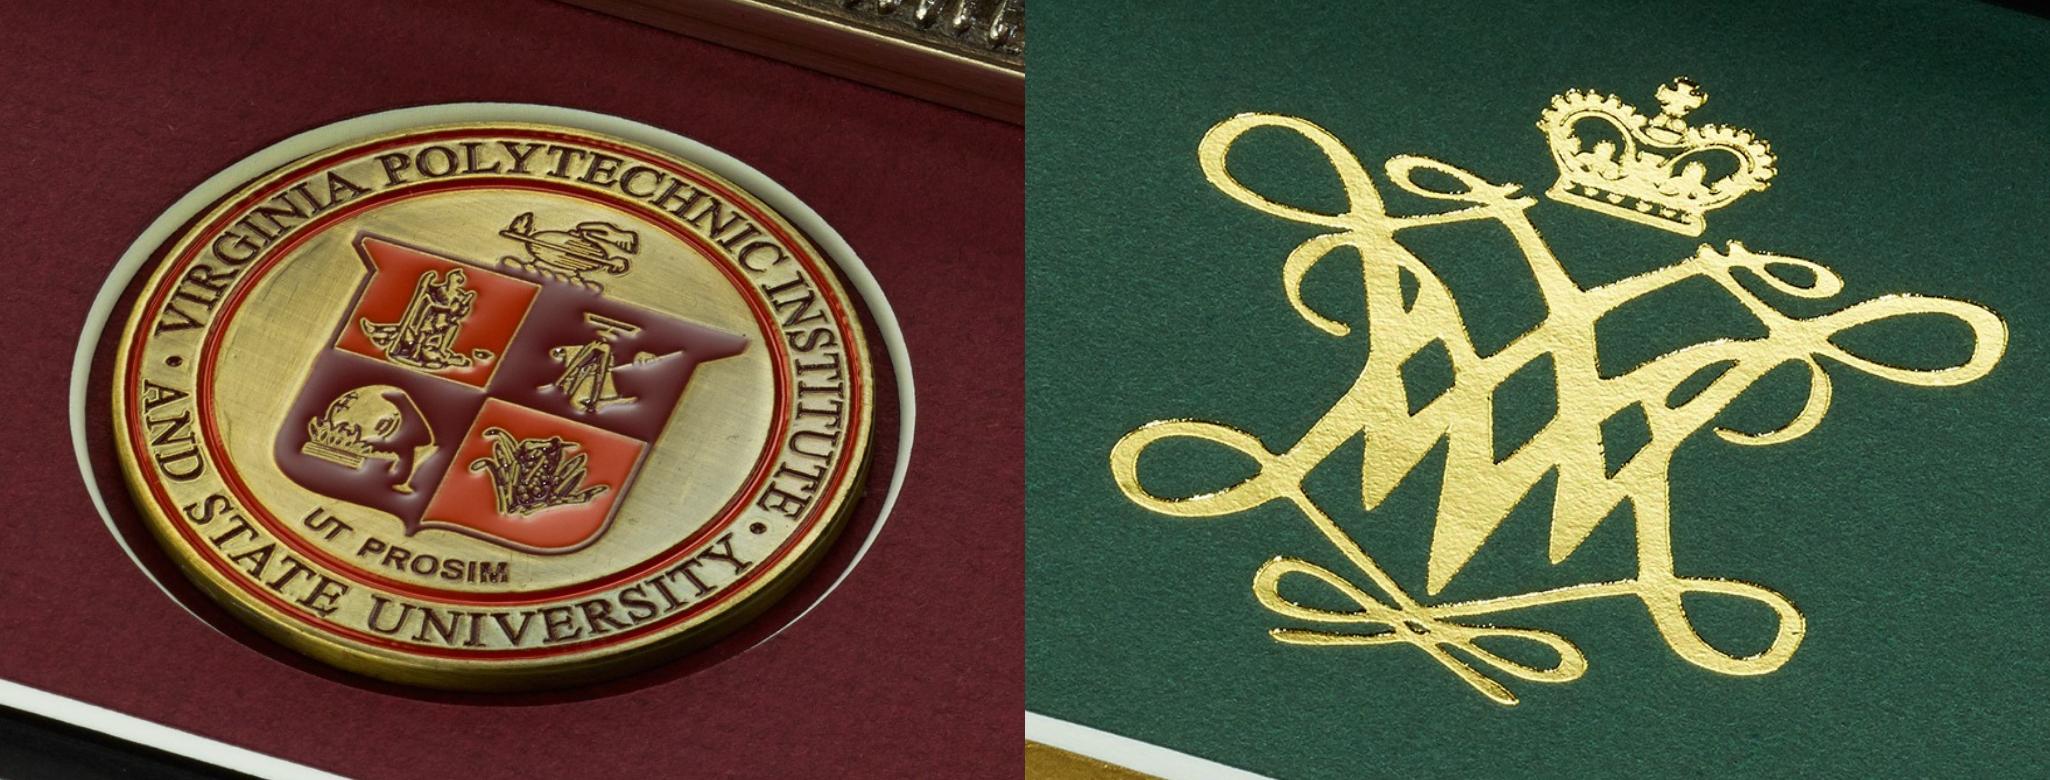 medallion vs embossed